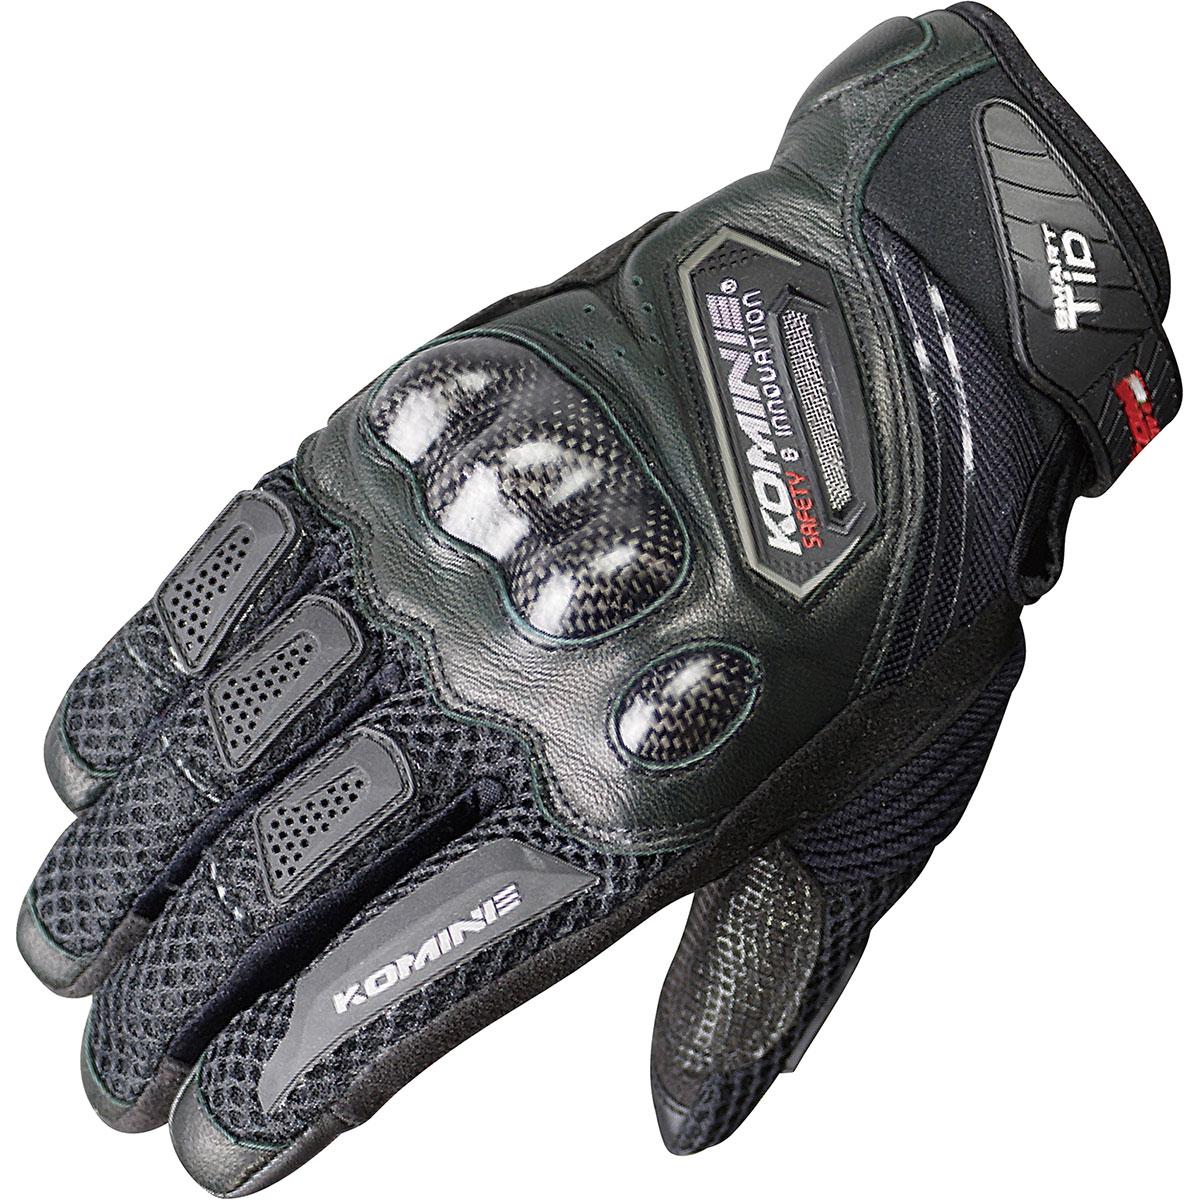 コミネ (Komine) バイク用 グローブ Gloves GK-167 カーボン プロテクトメッシュグローブ ブラック 黒 Sサイズ 06-167/BK/S